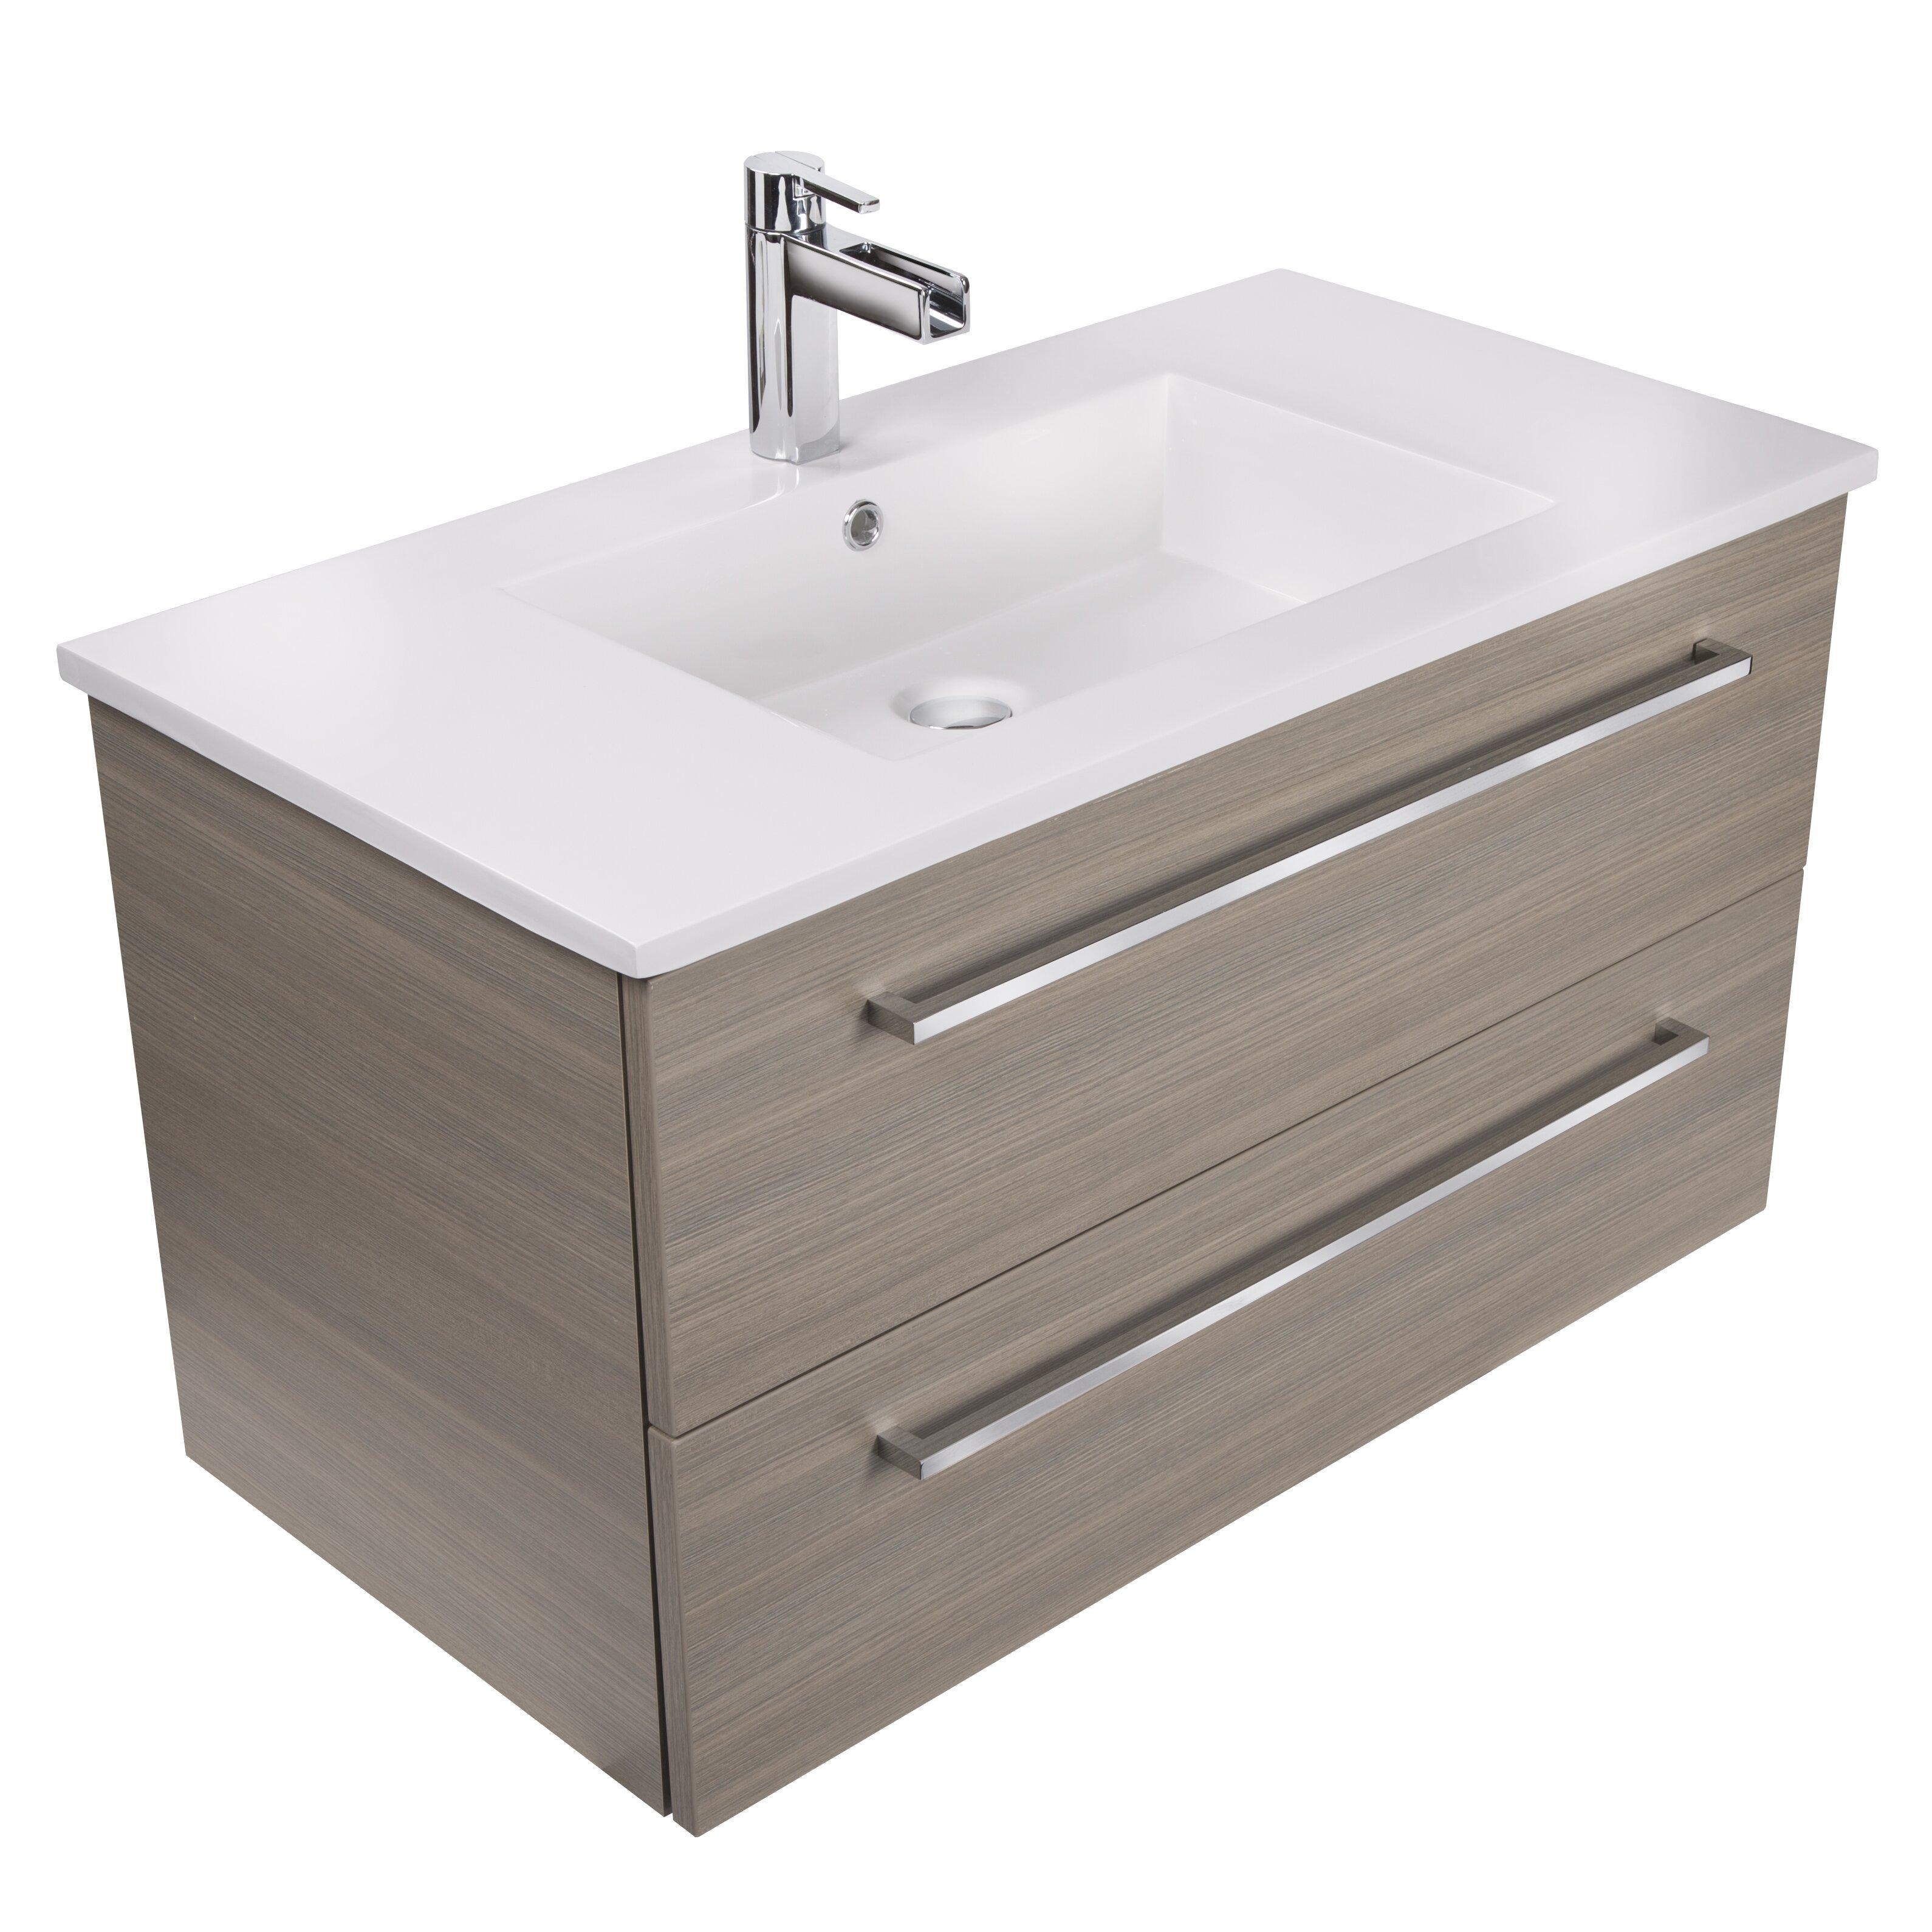 Bathroom Vanity 30 X 18 30 x 18 bathroom vanity - best bathroom 2017